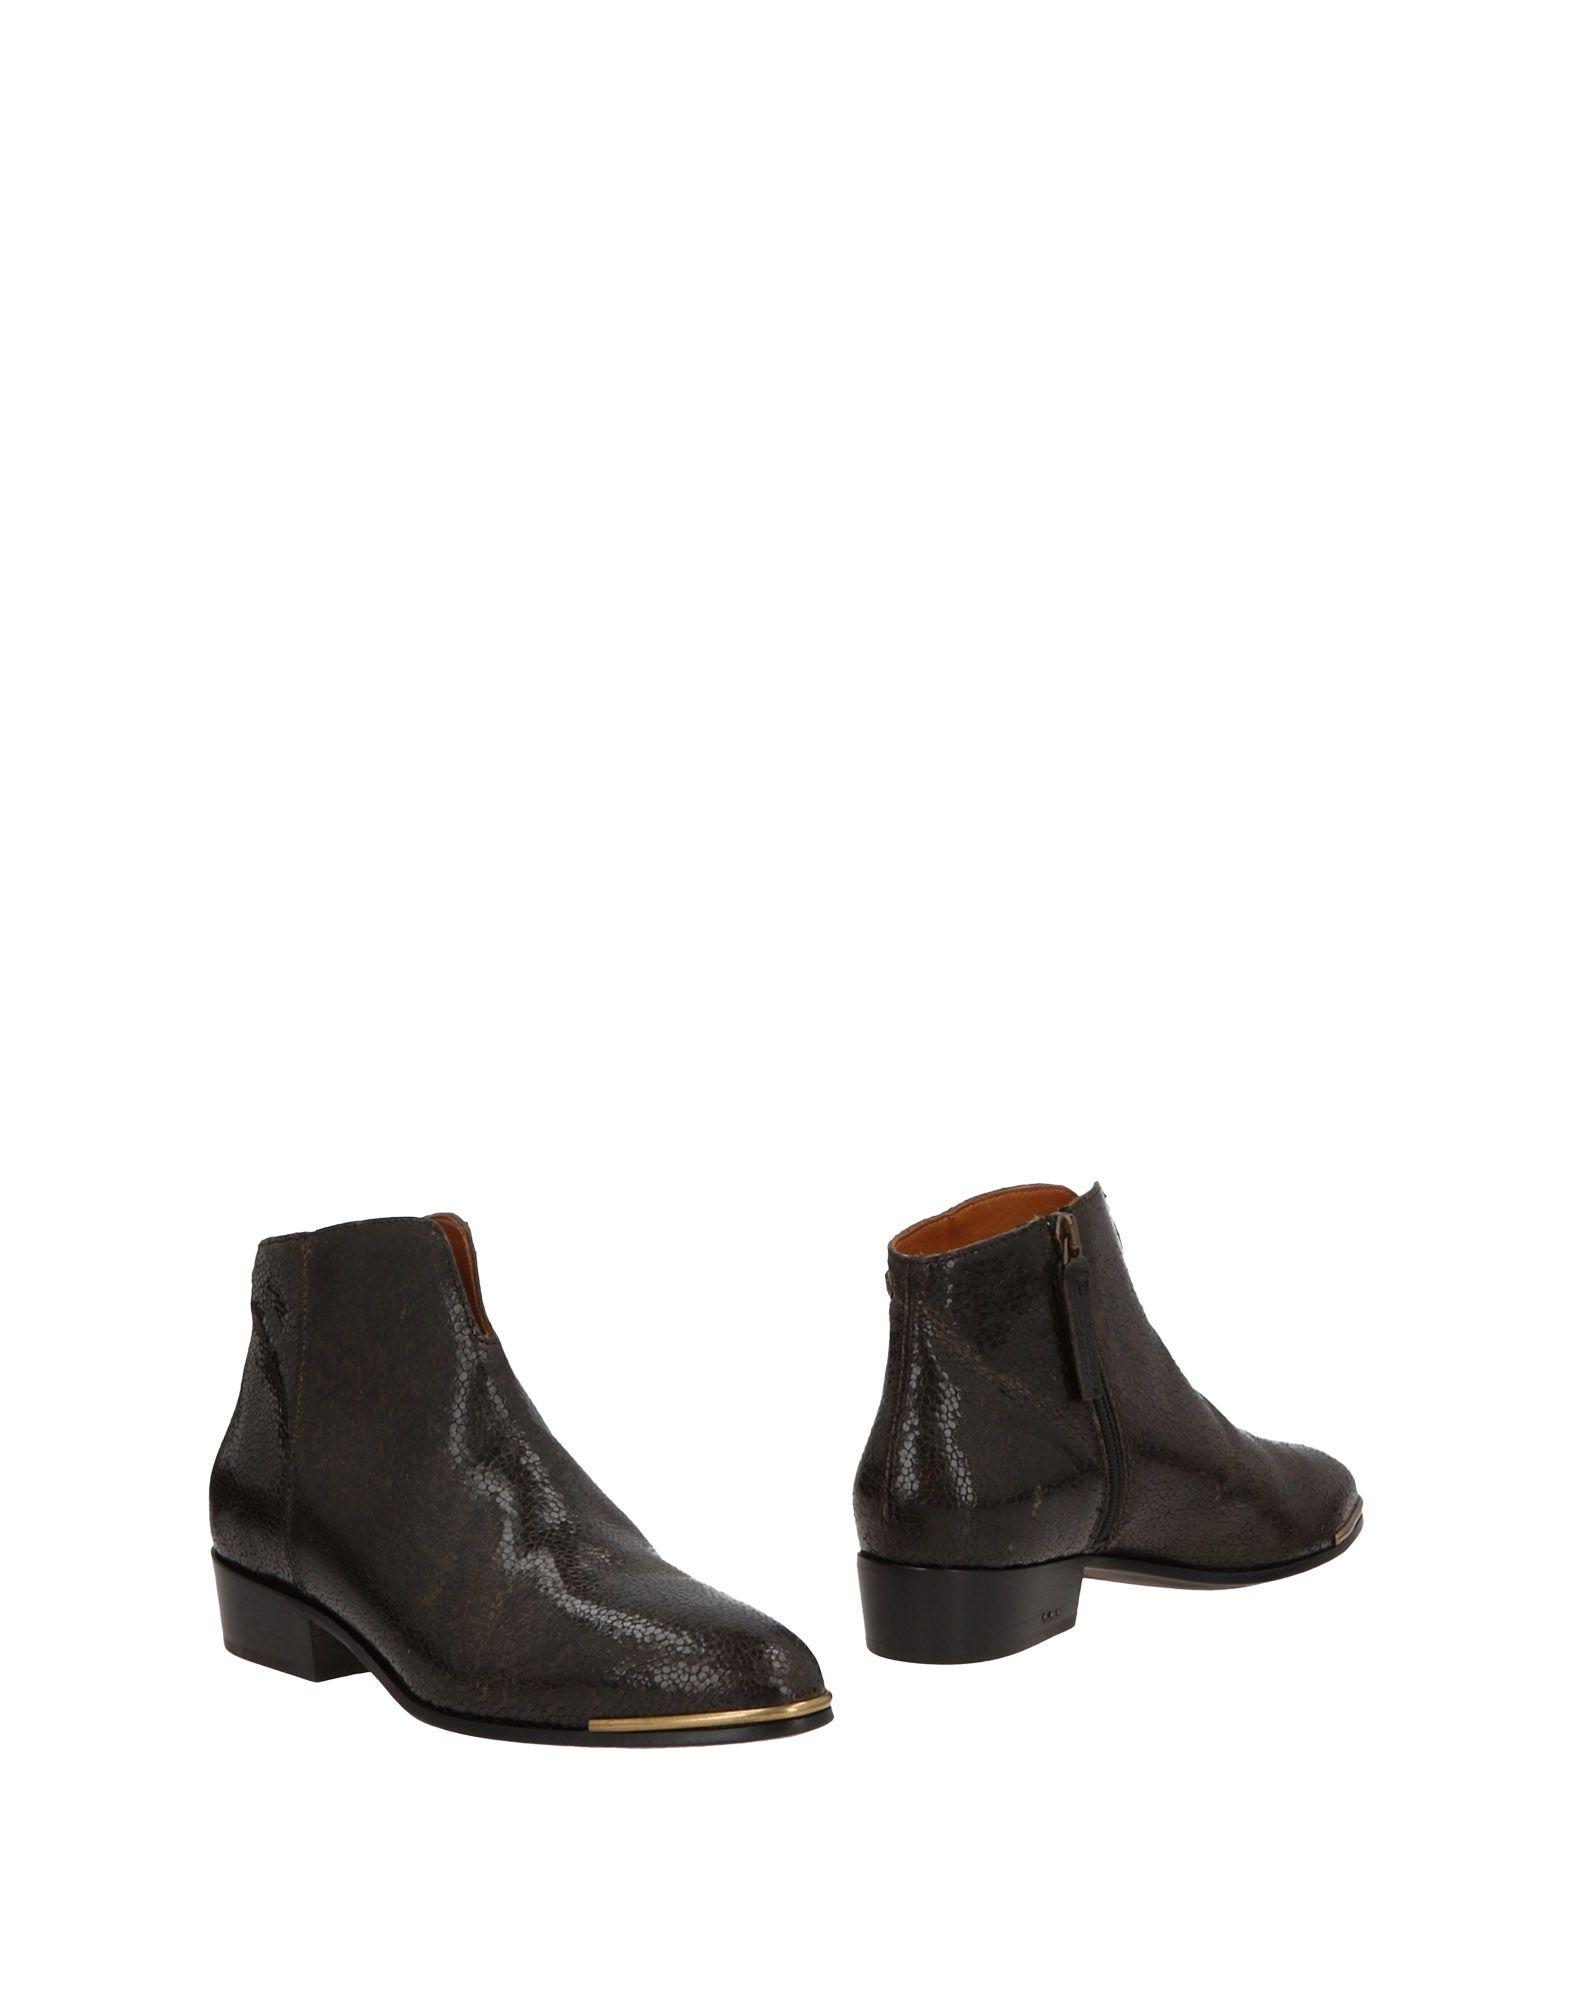 Buttero® Stiefelette Damen  11468709PNGut aussehende strapazierfähige Schuhe